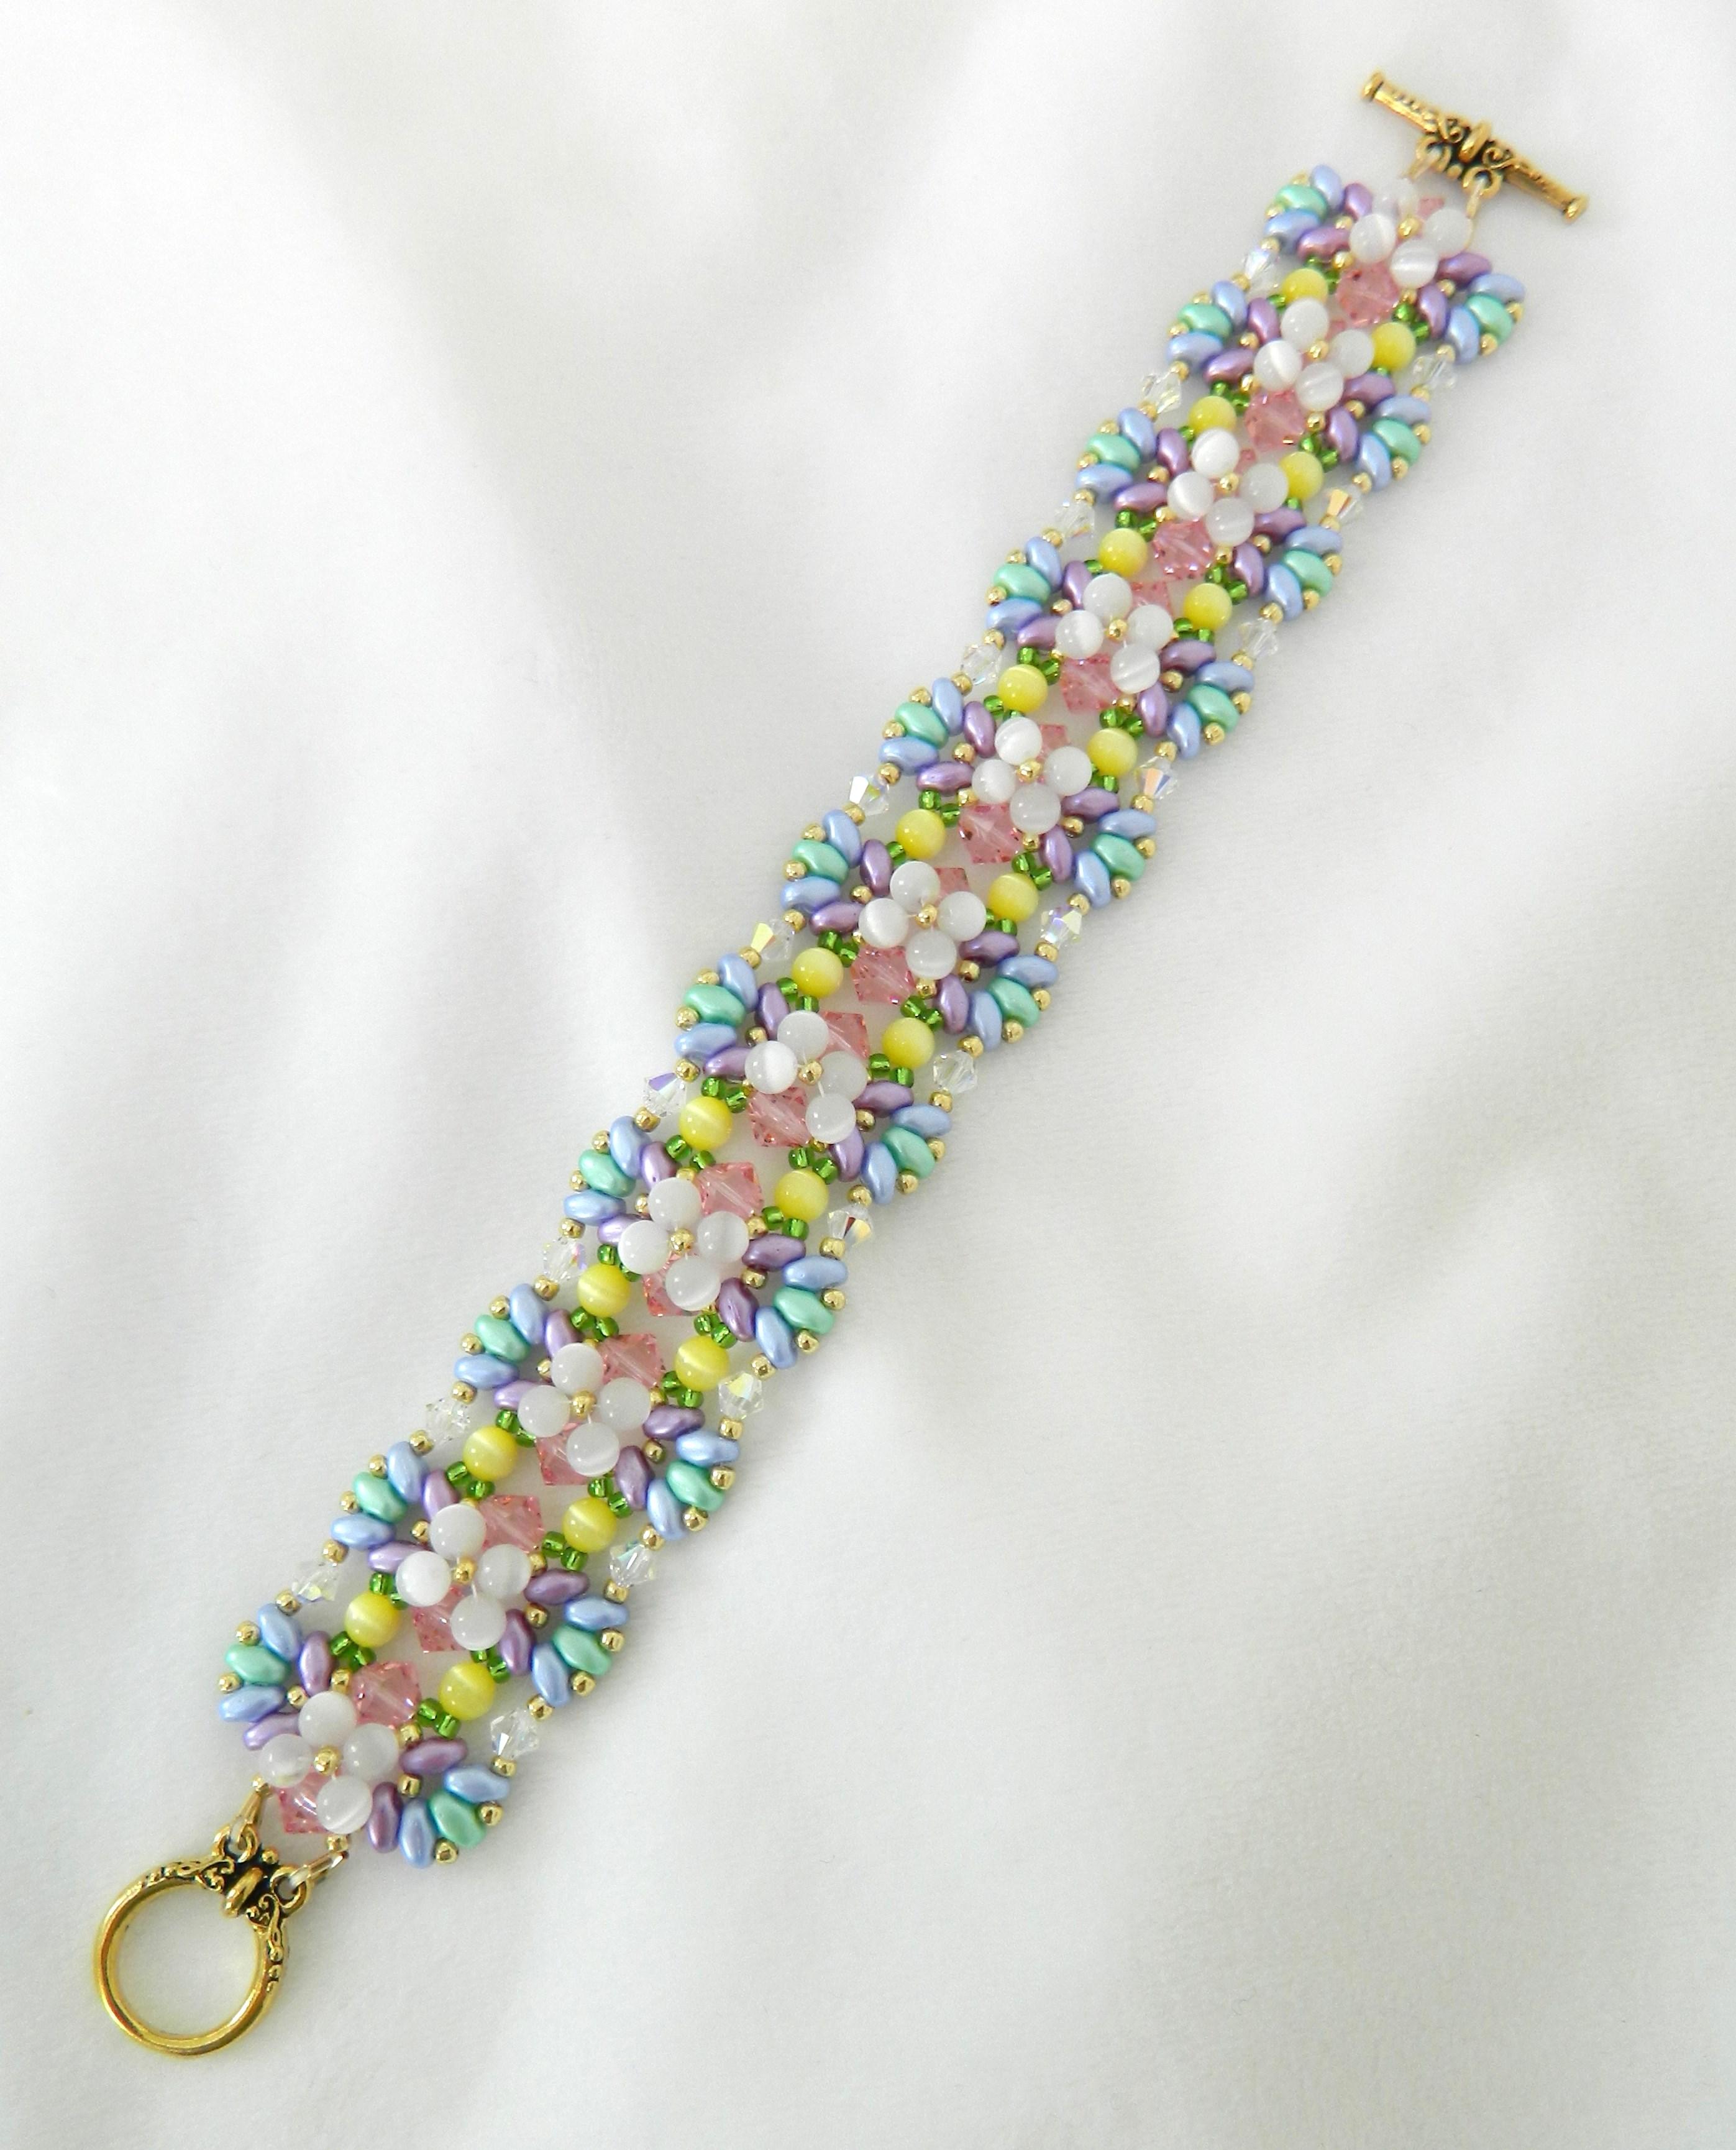 Linda's Spring Bracelet